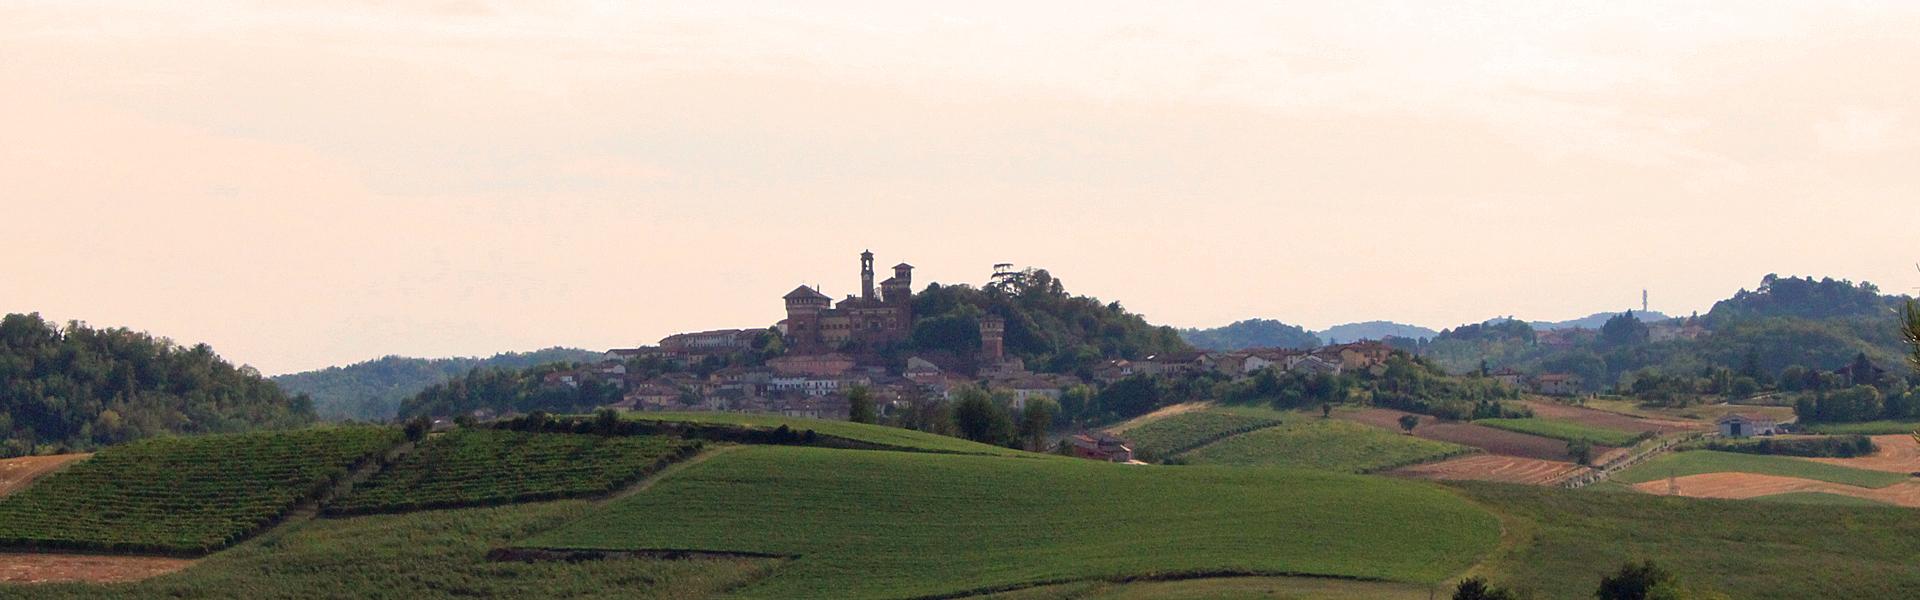 castello di cereseto sulle colline del monferrato